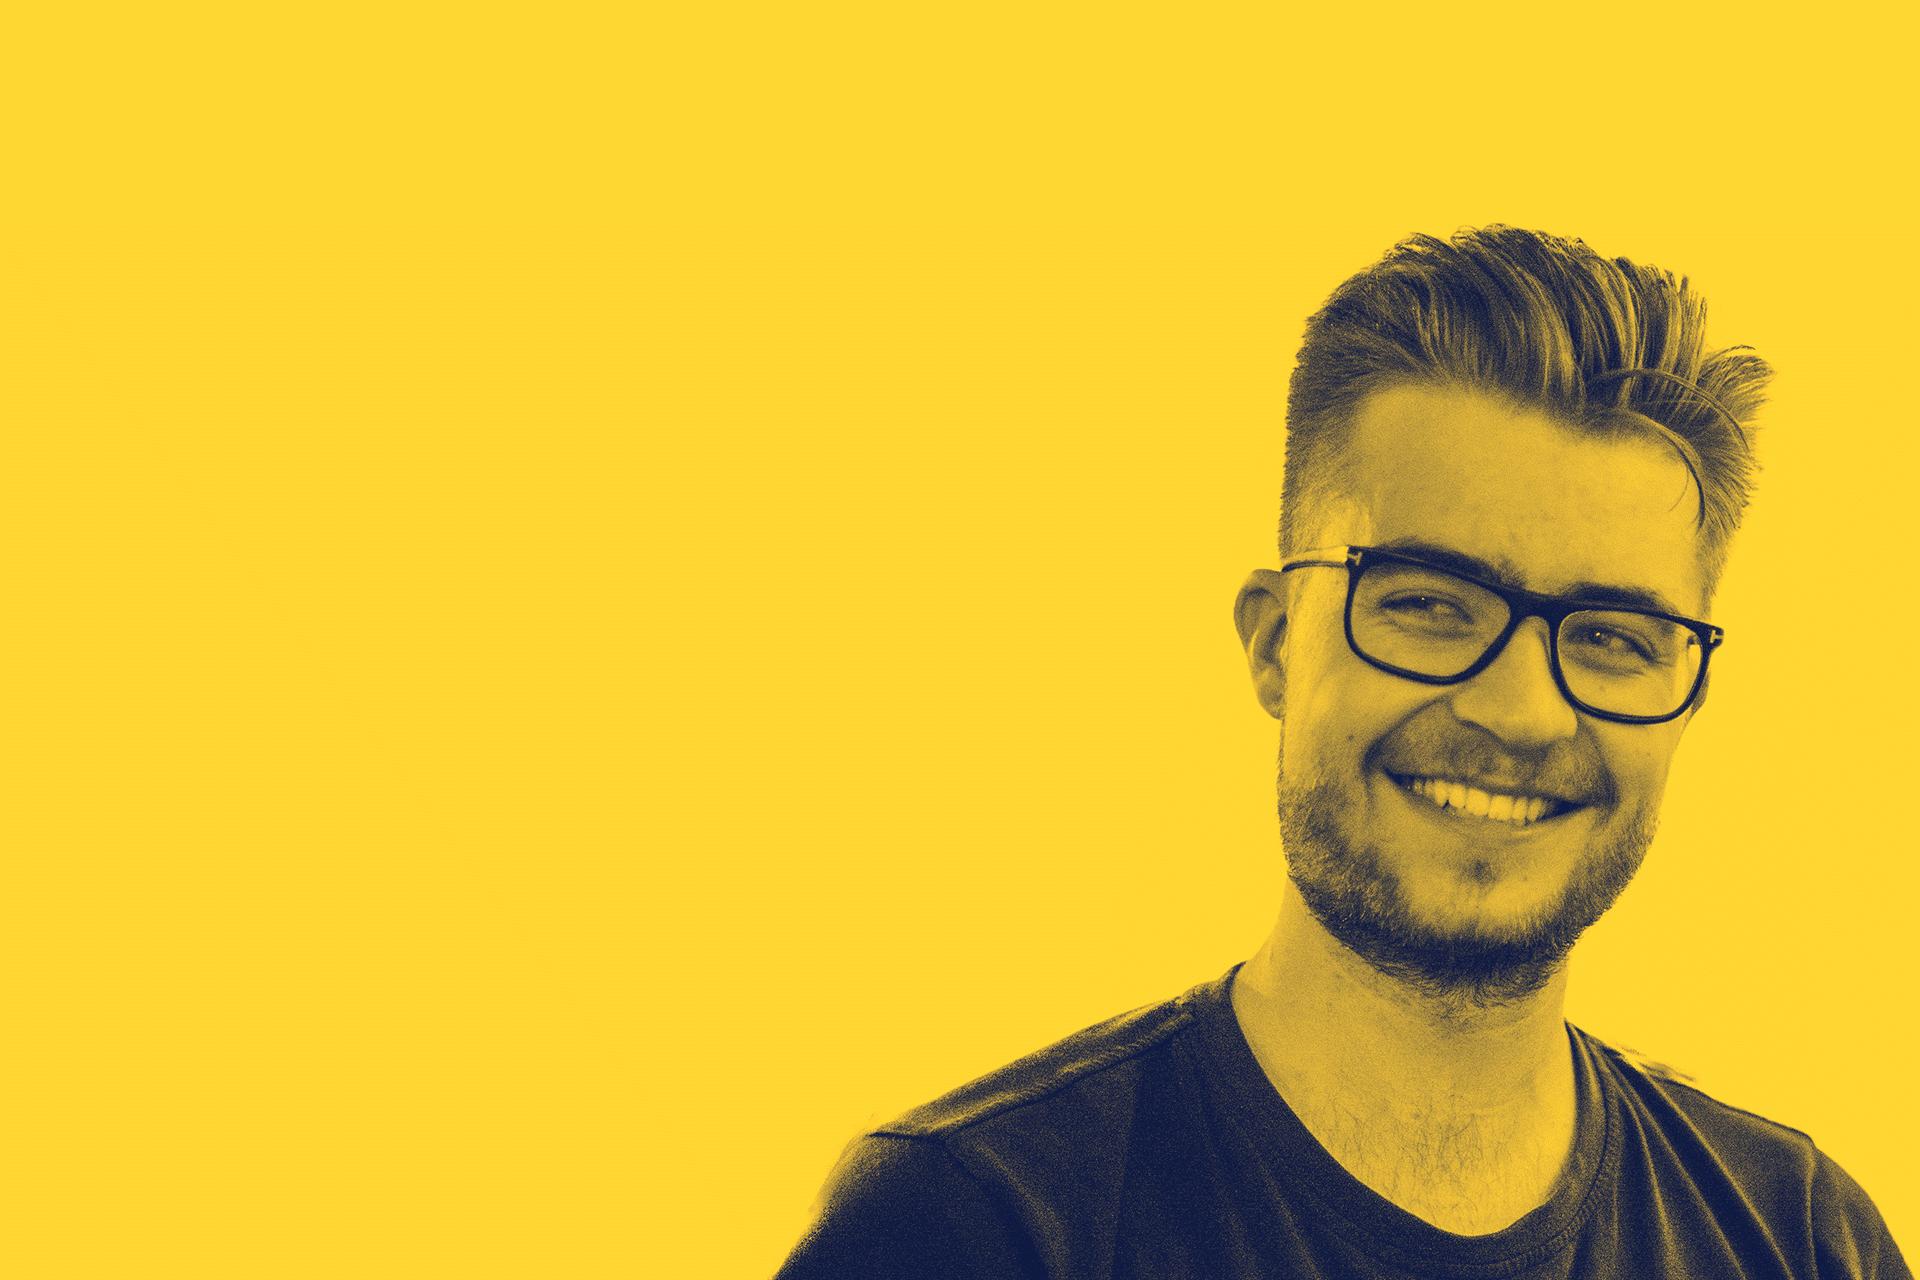 mann med briller på gul bakgrunn